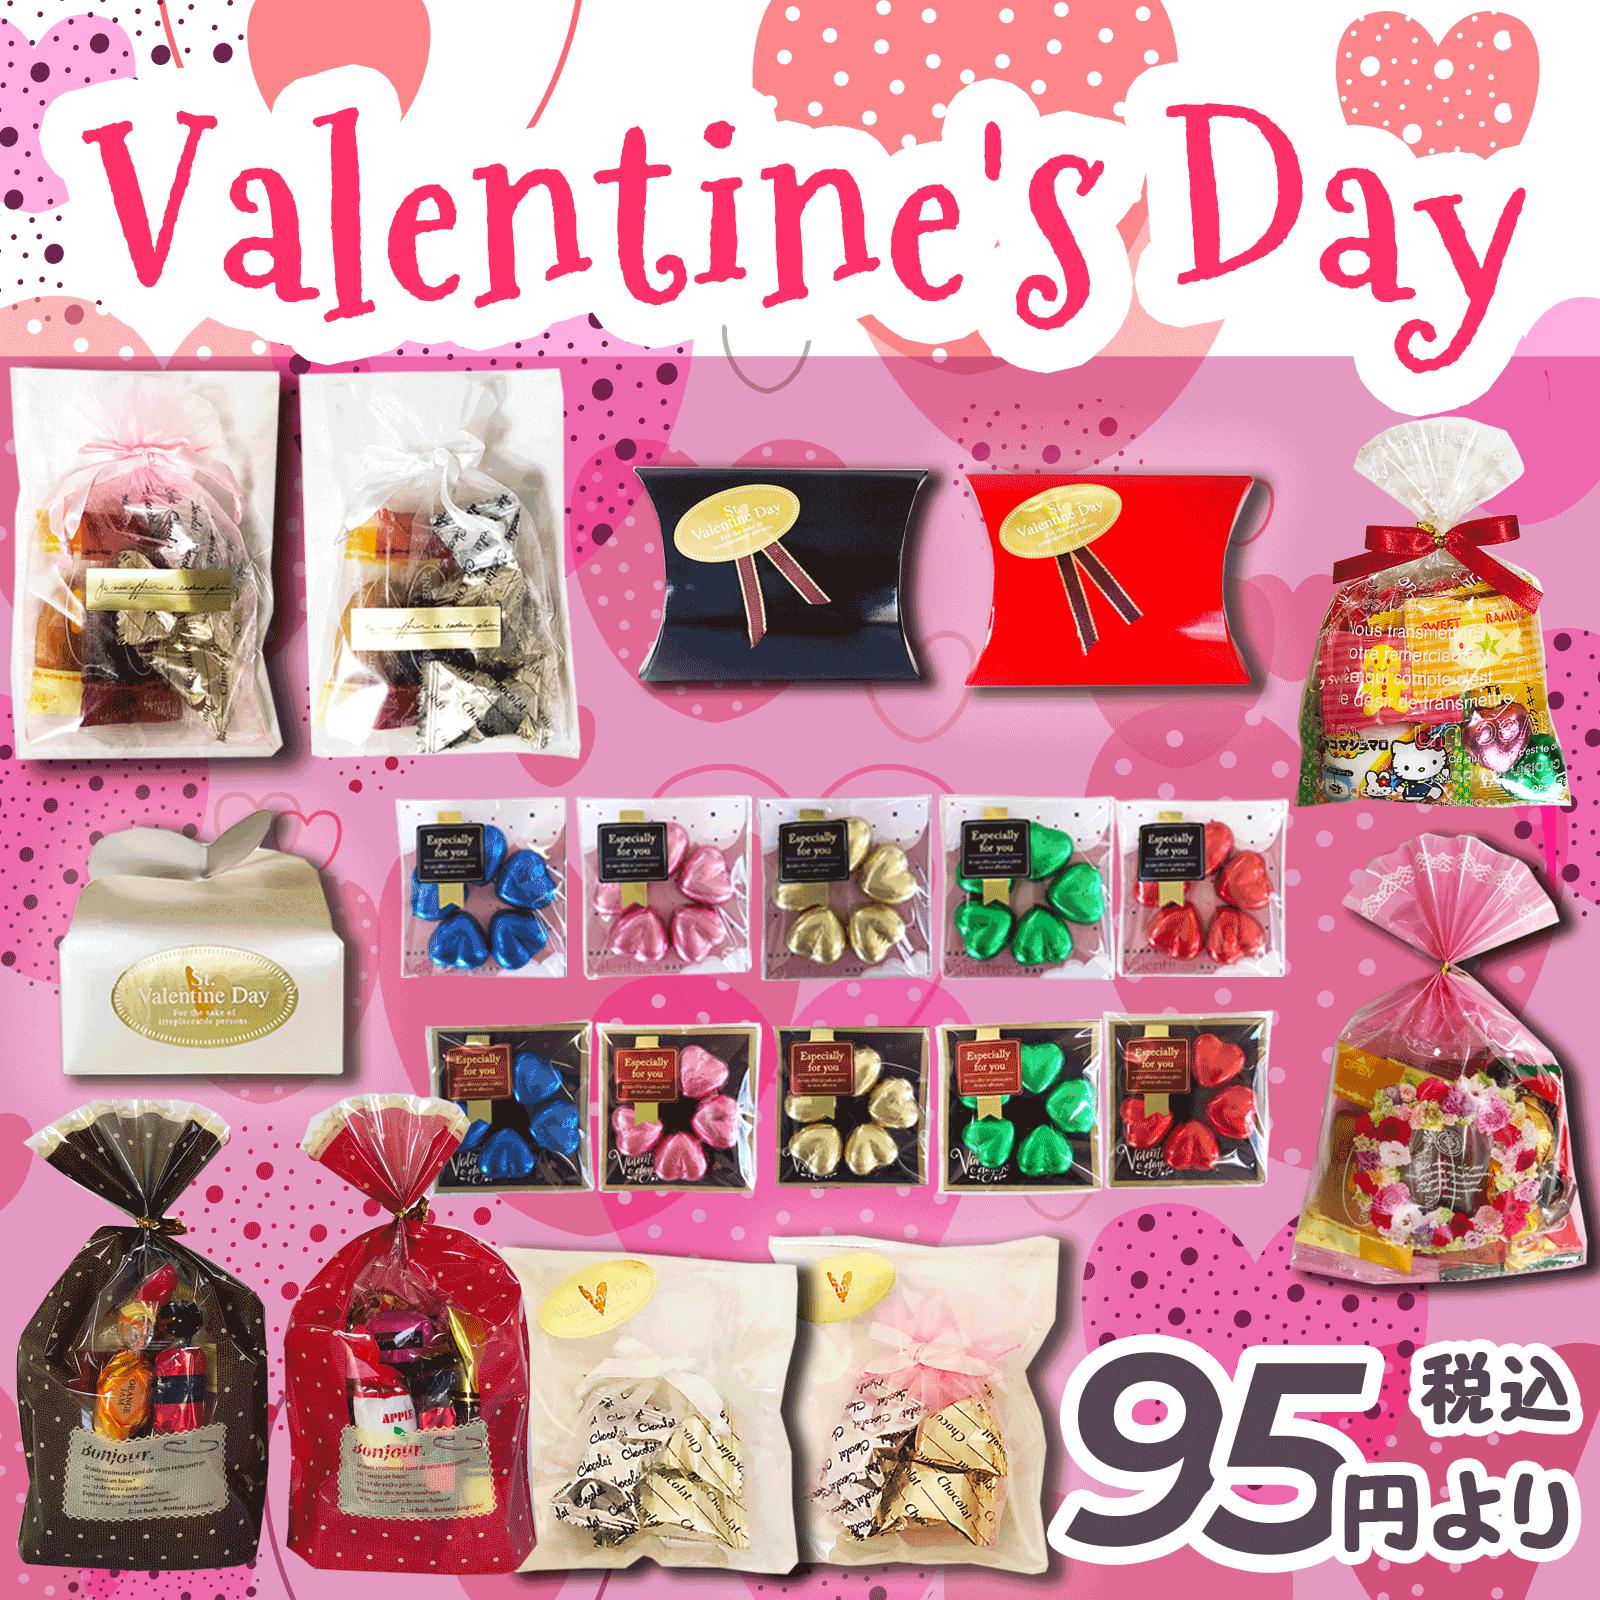 バレンタインチョコレート安い2021